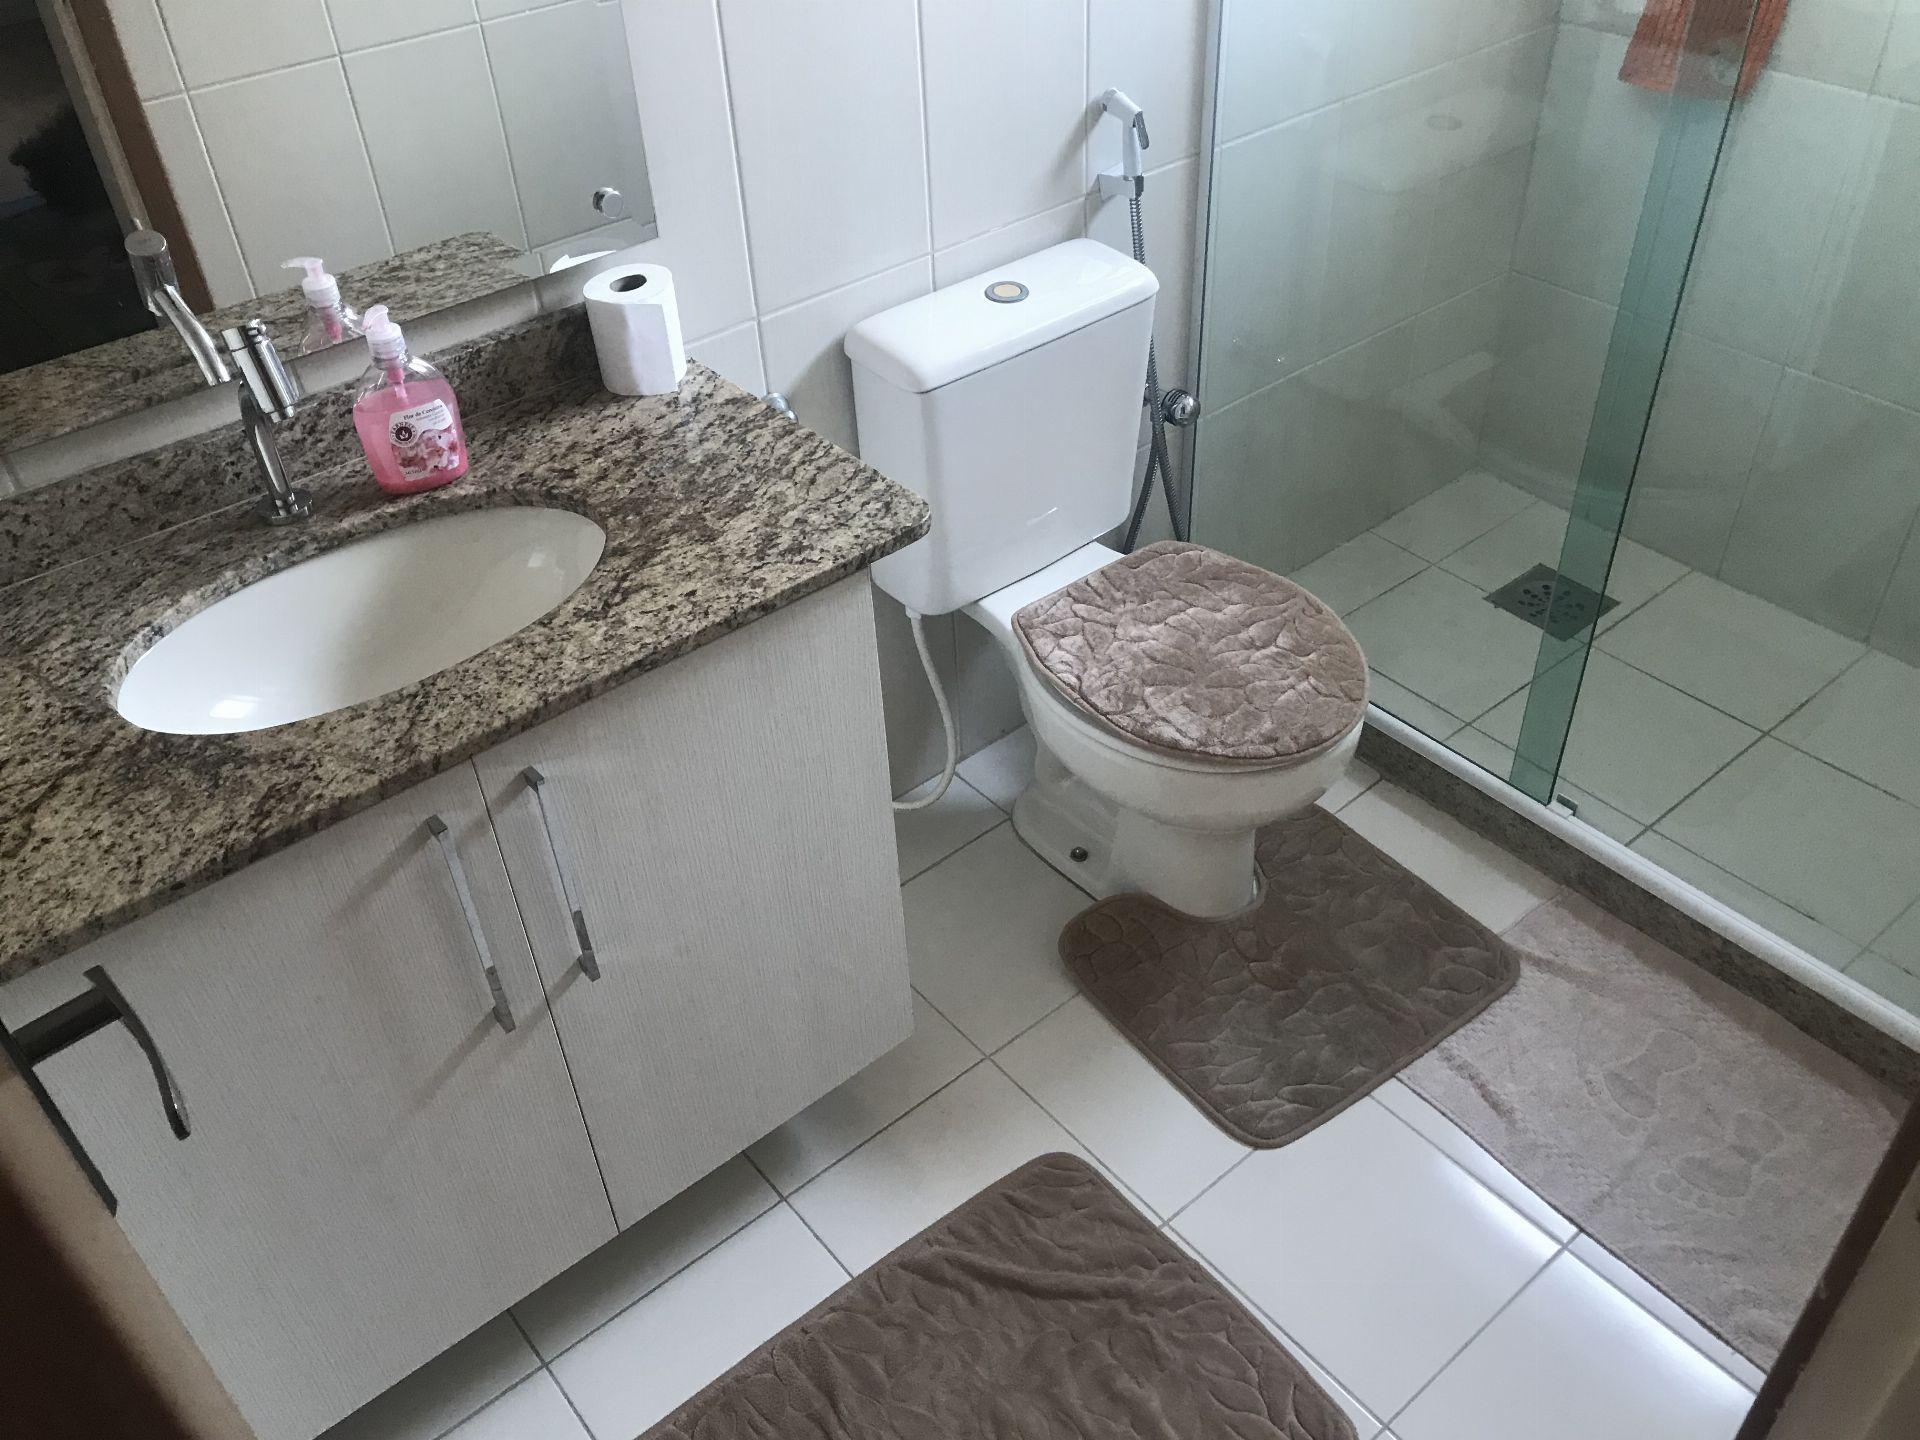 FOTO 14 - Apartamento à venda Rua Rosário Oeste,Vila Valqueire, Rio de Janeiro - R$ 990.000 - RF133 - 15